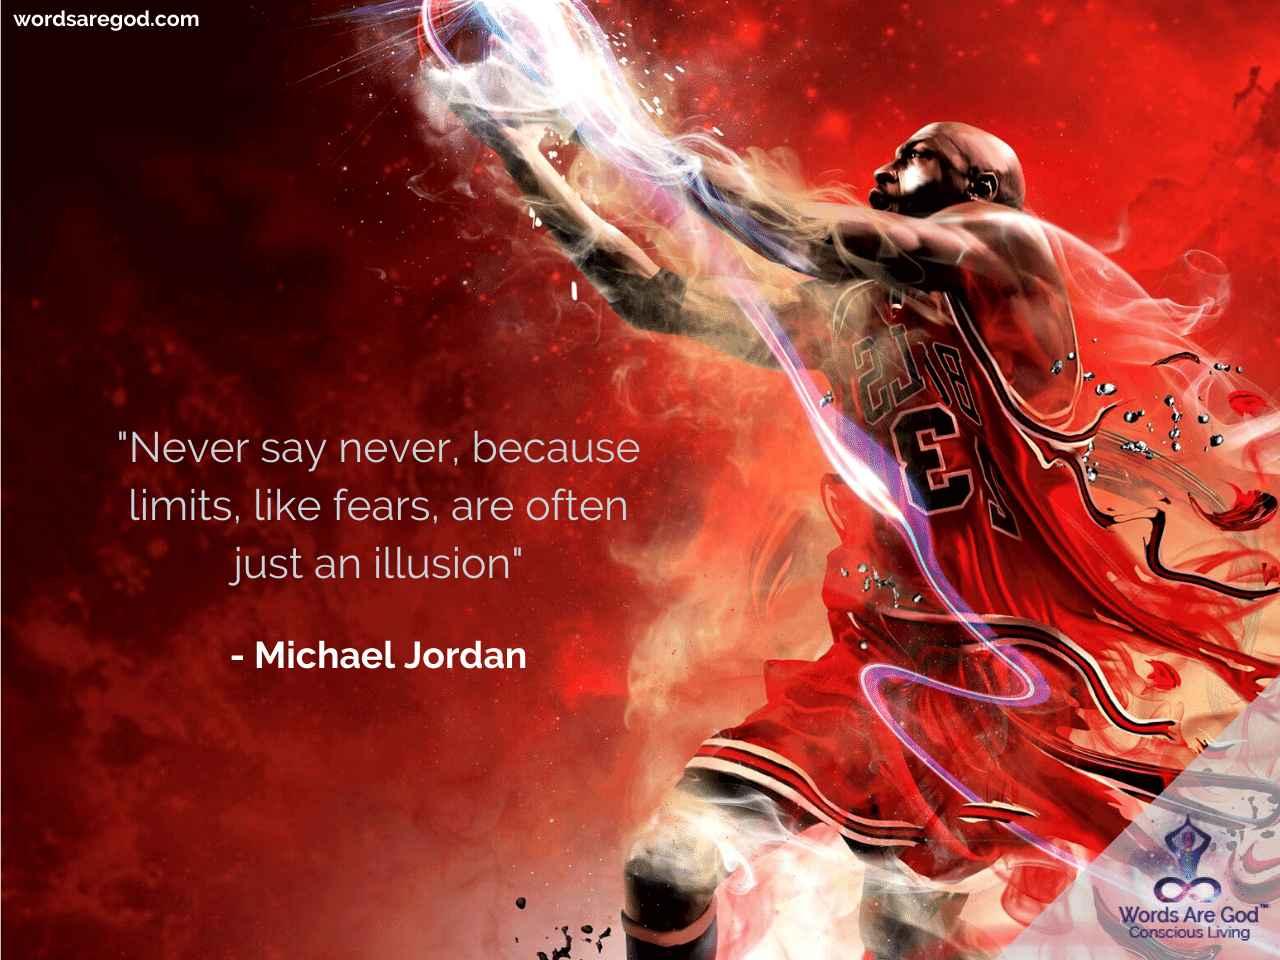 Michael Jordan  Inspirational Quote by Michael Jordan